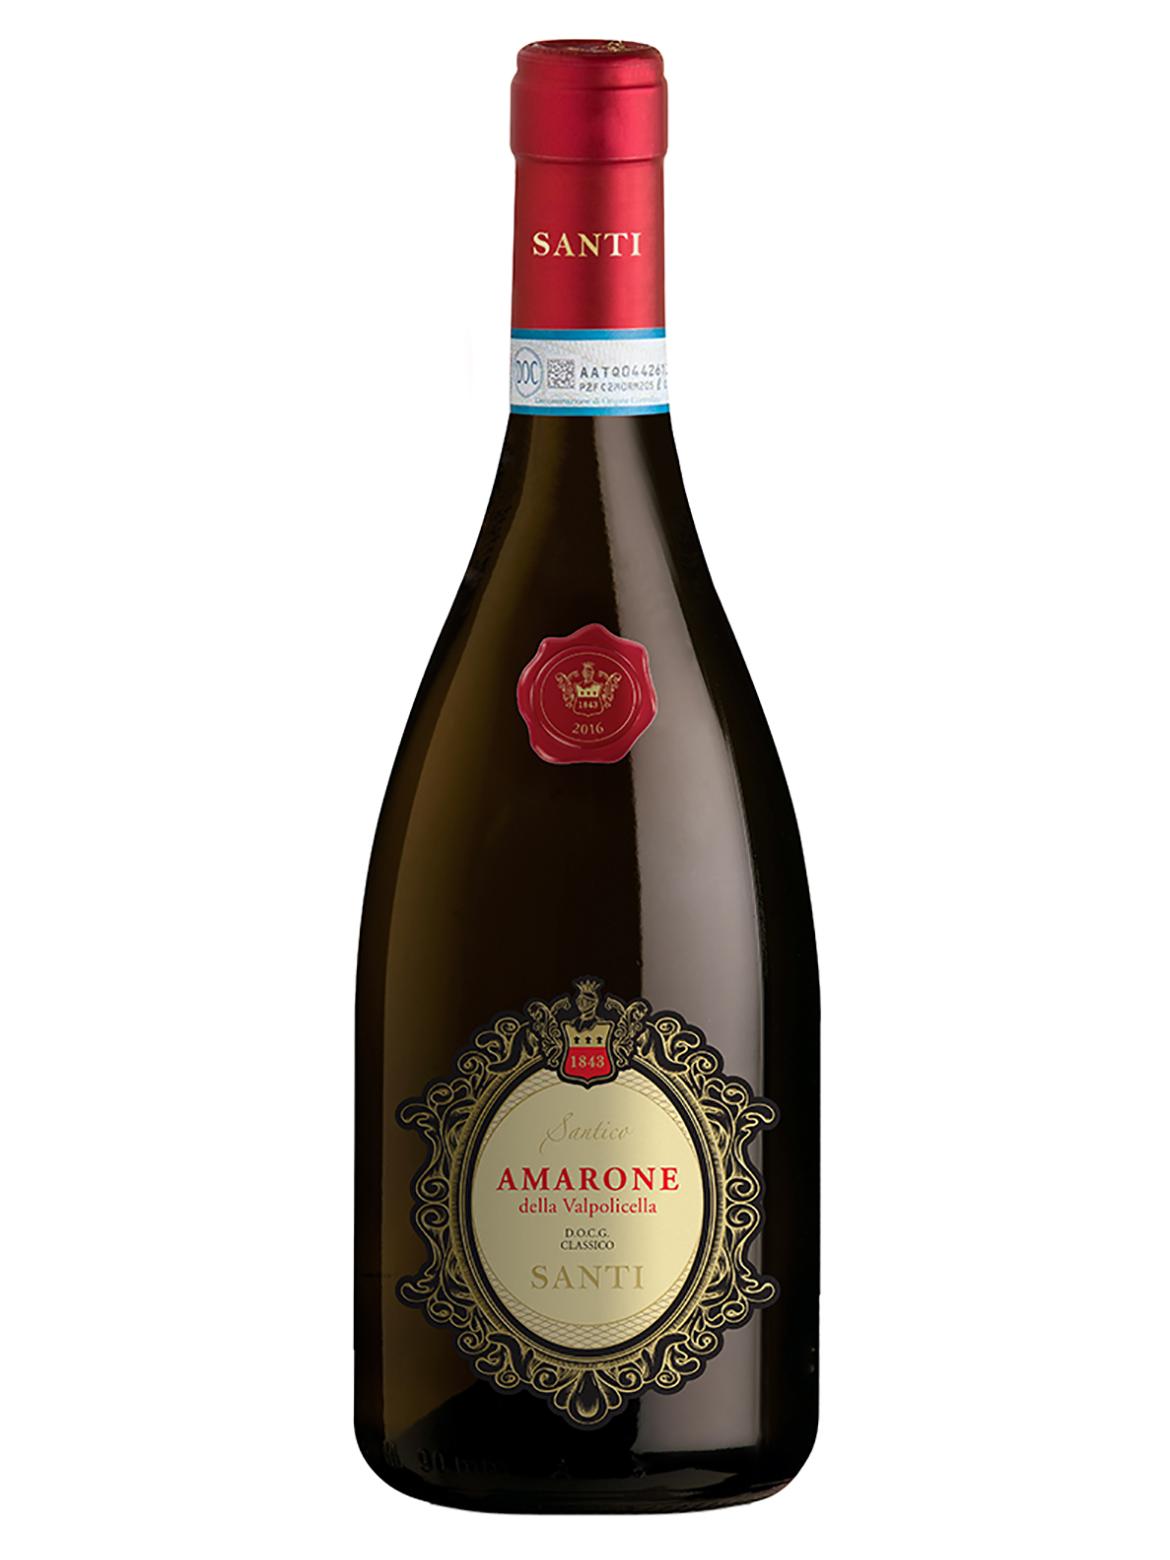 SANTICO - Amarone della Valpolicella Classico DOCG